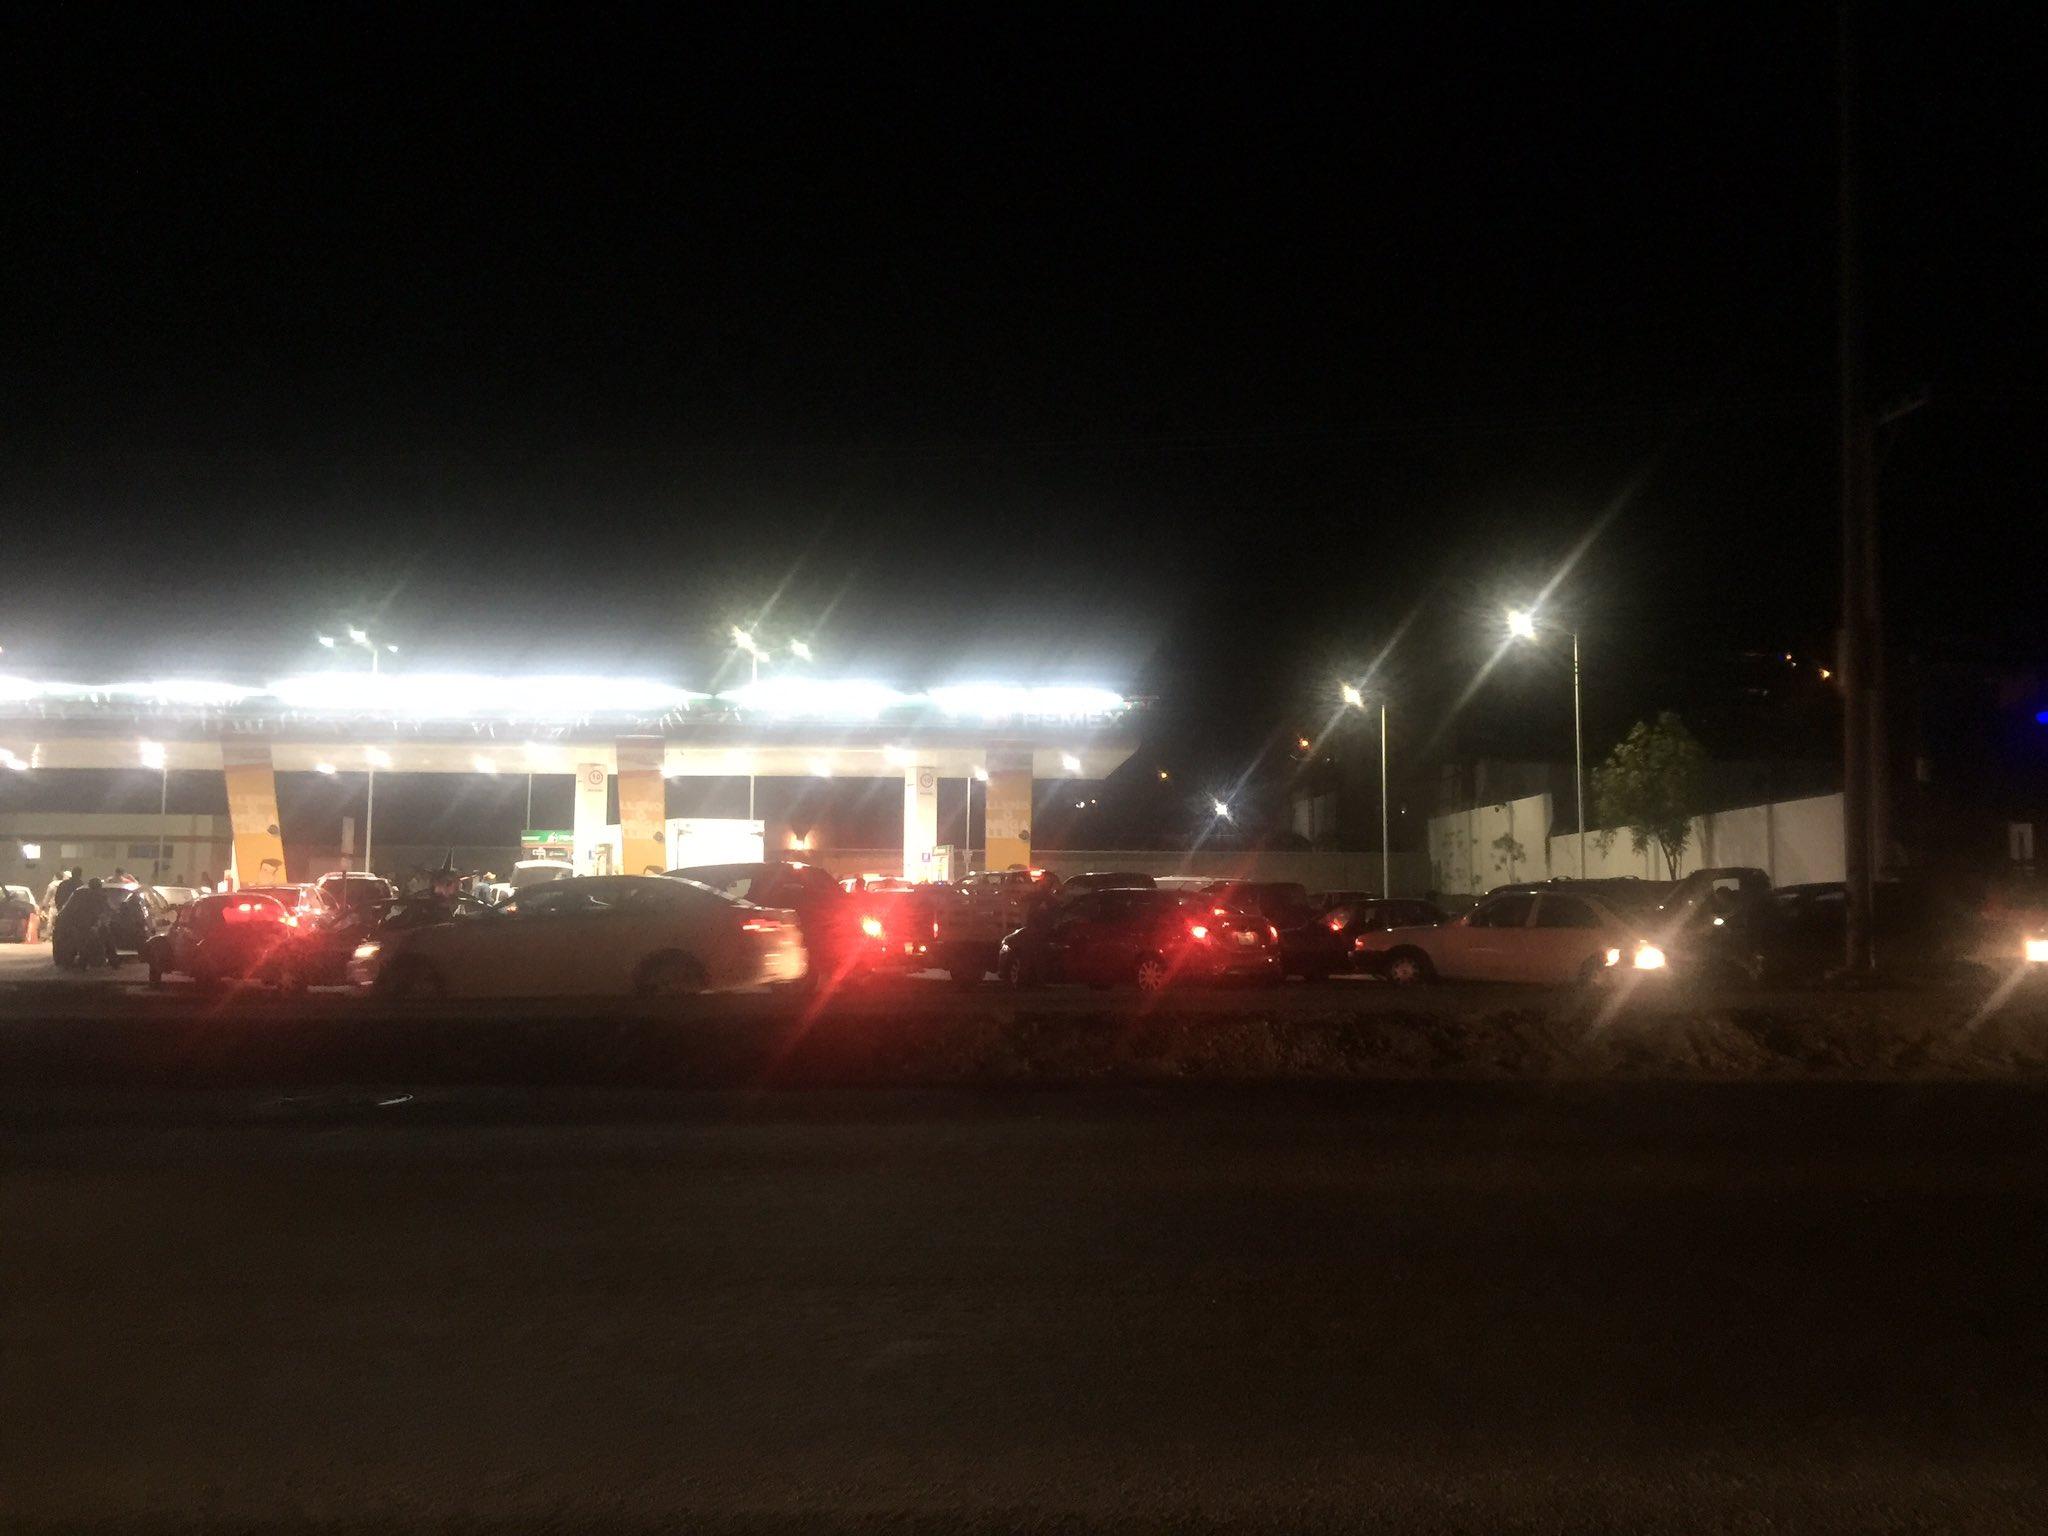 ¡Reforma energética mis calzones! En León solo jala una gasolinera y hay fila de aquí a la india https://t.co/QCBOhcqFwp